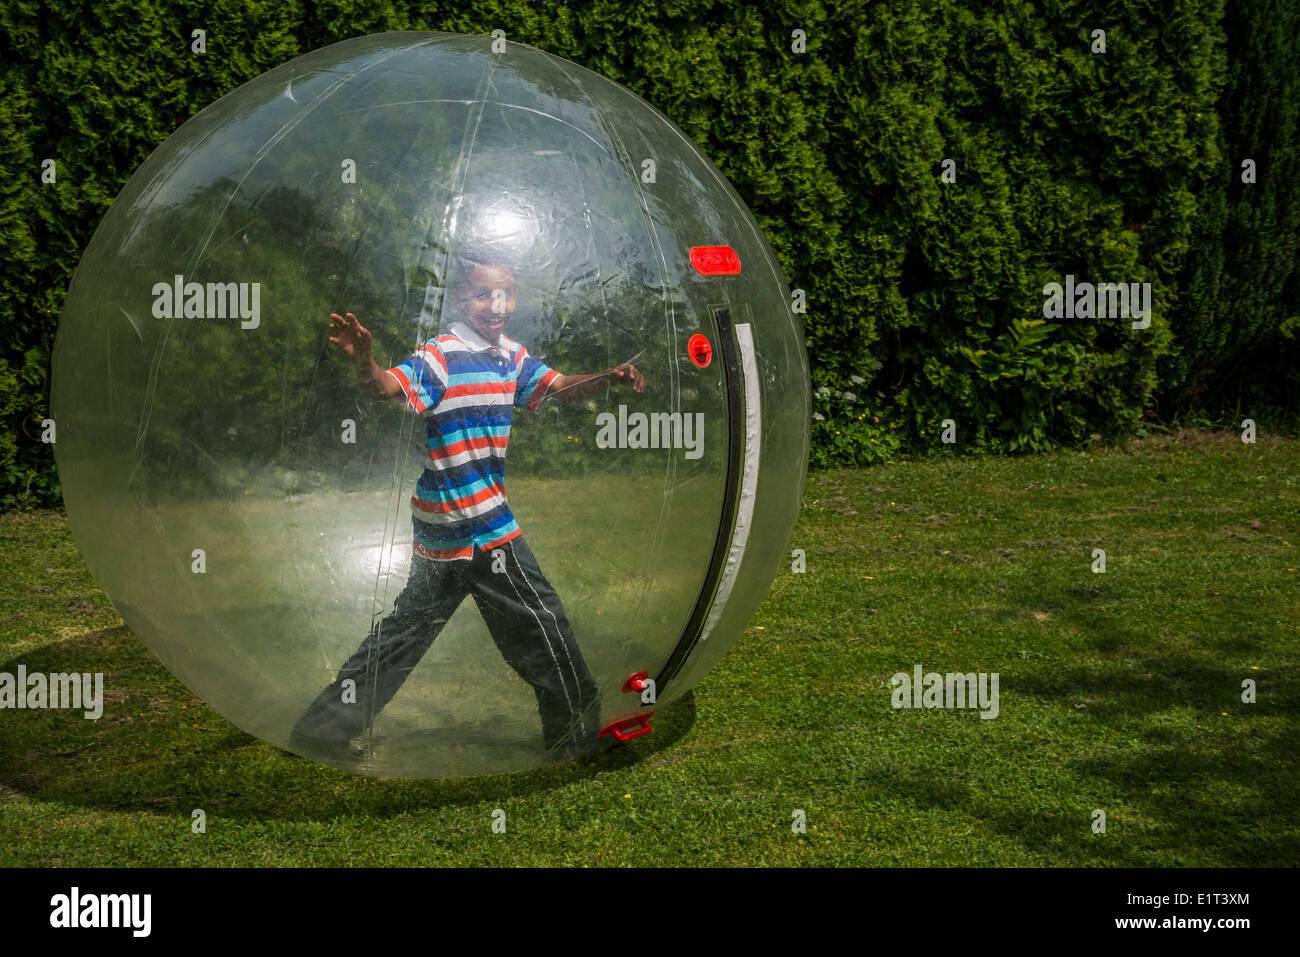 Garçon dans une bulle balle. Photo Stock